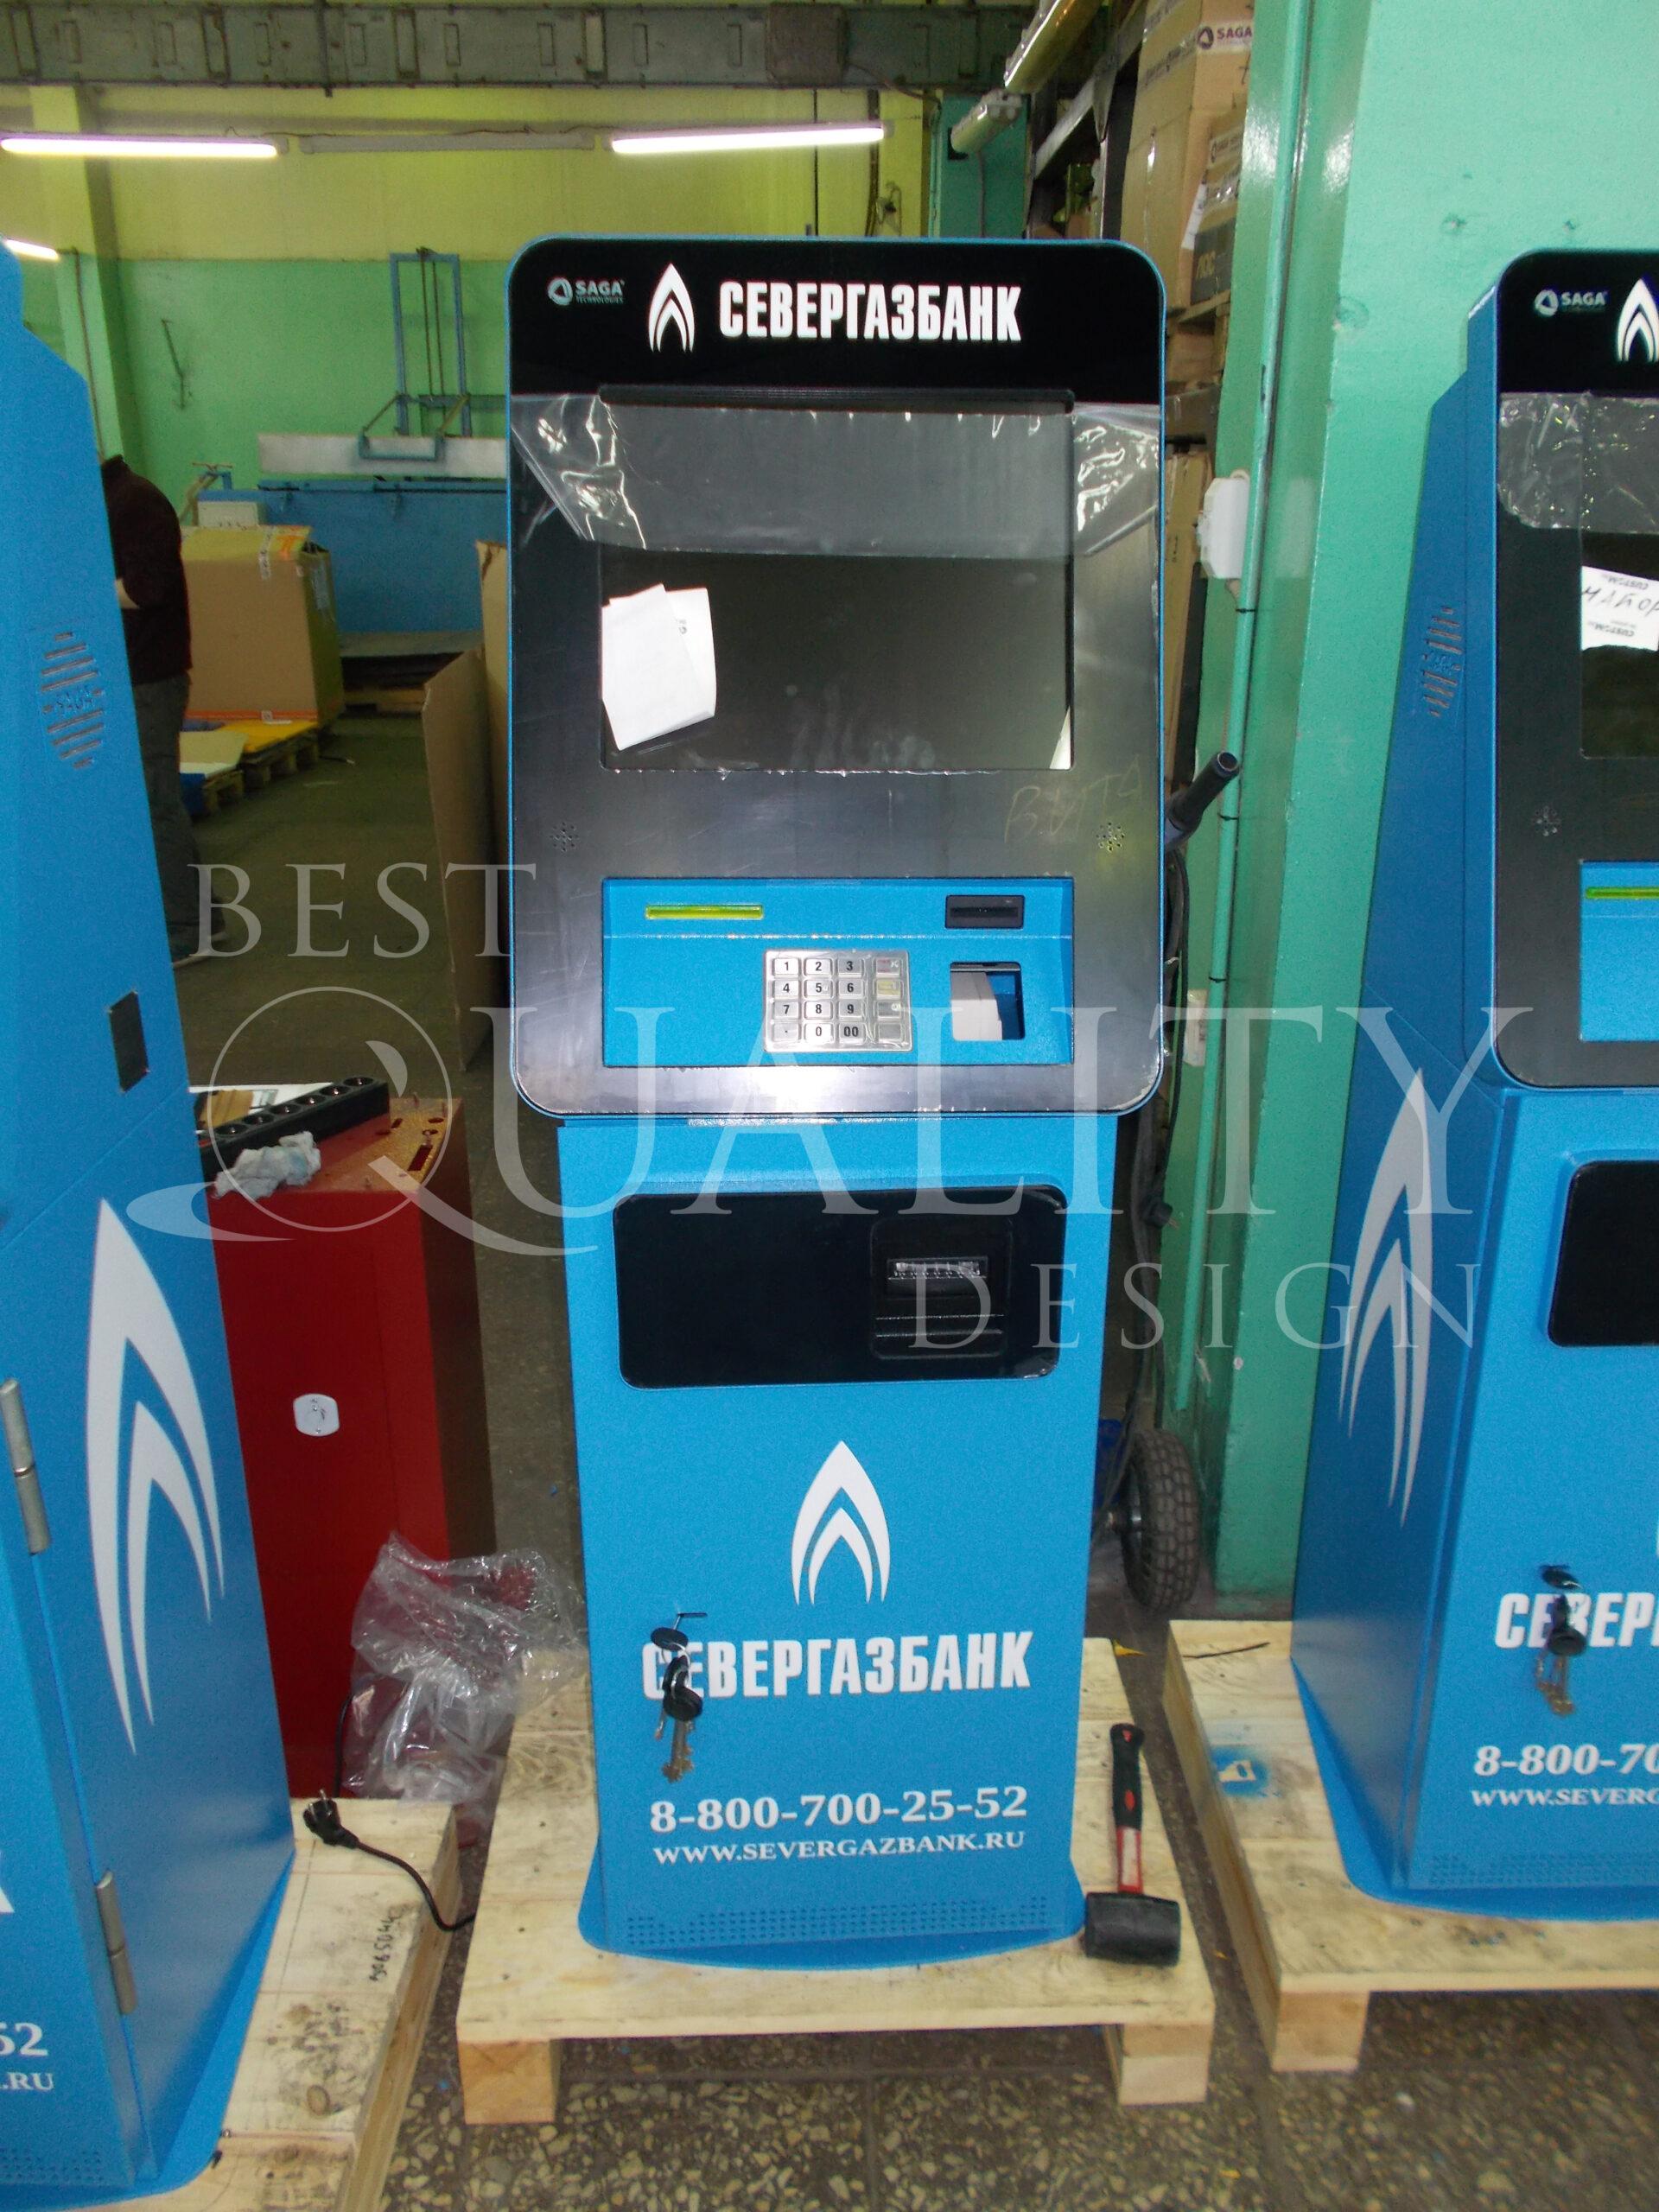 Брендирование банкоматов Севергазбанка